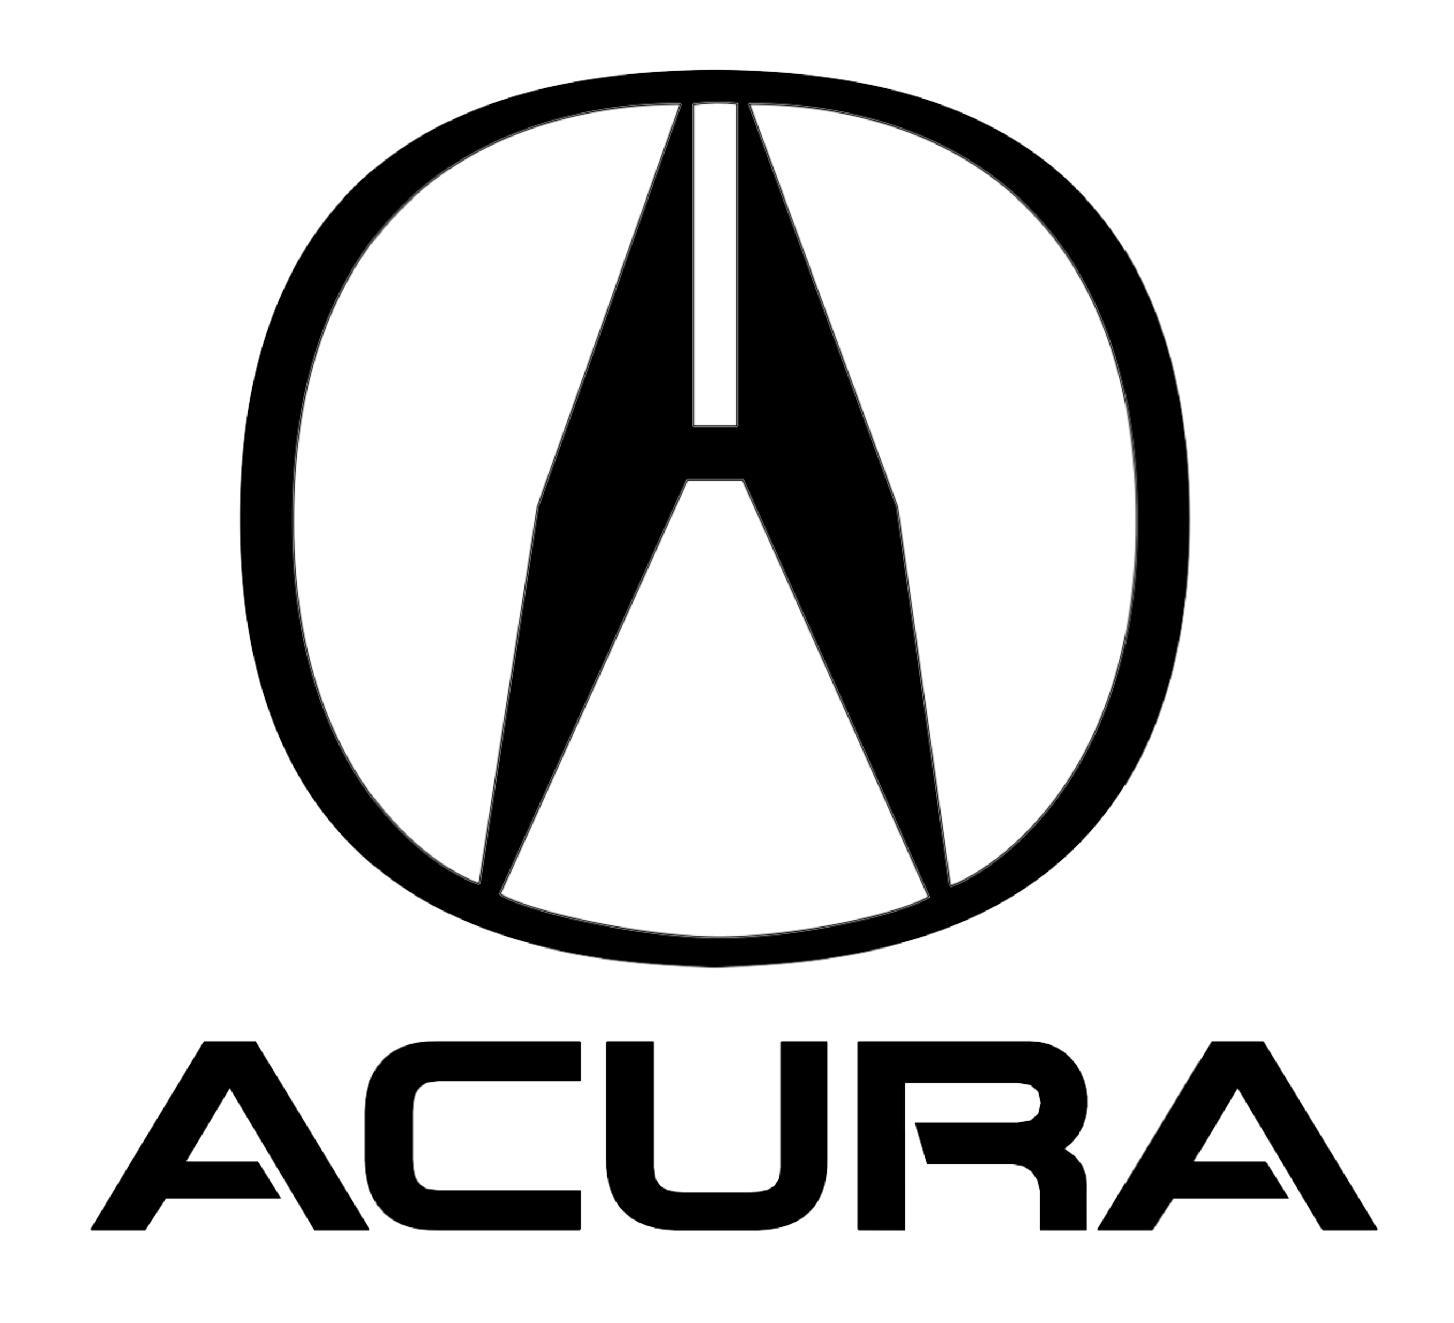 Acura Logos